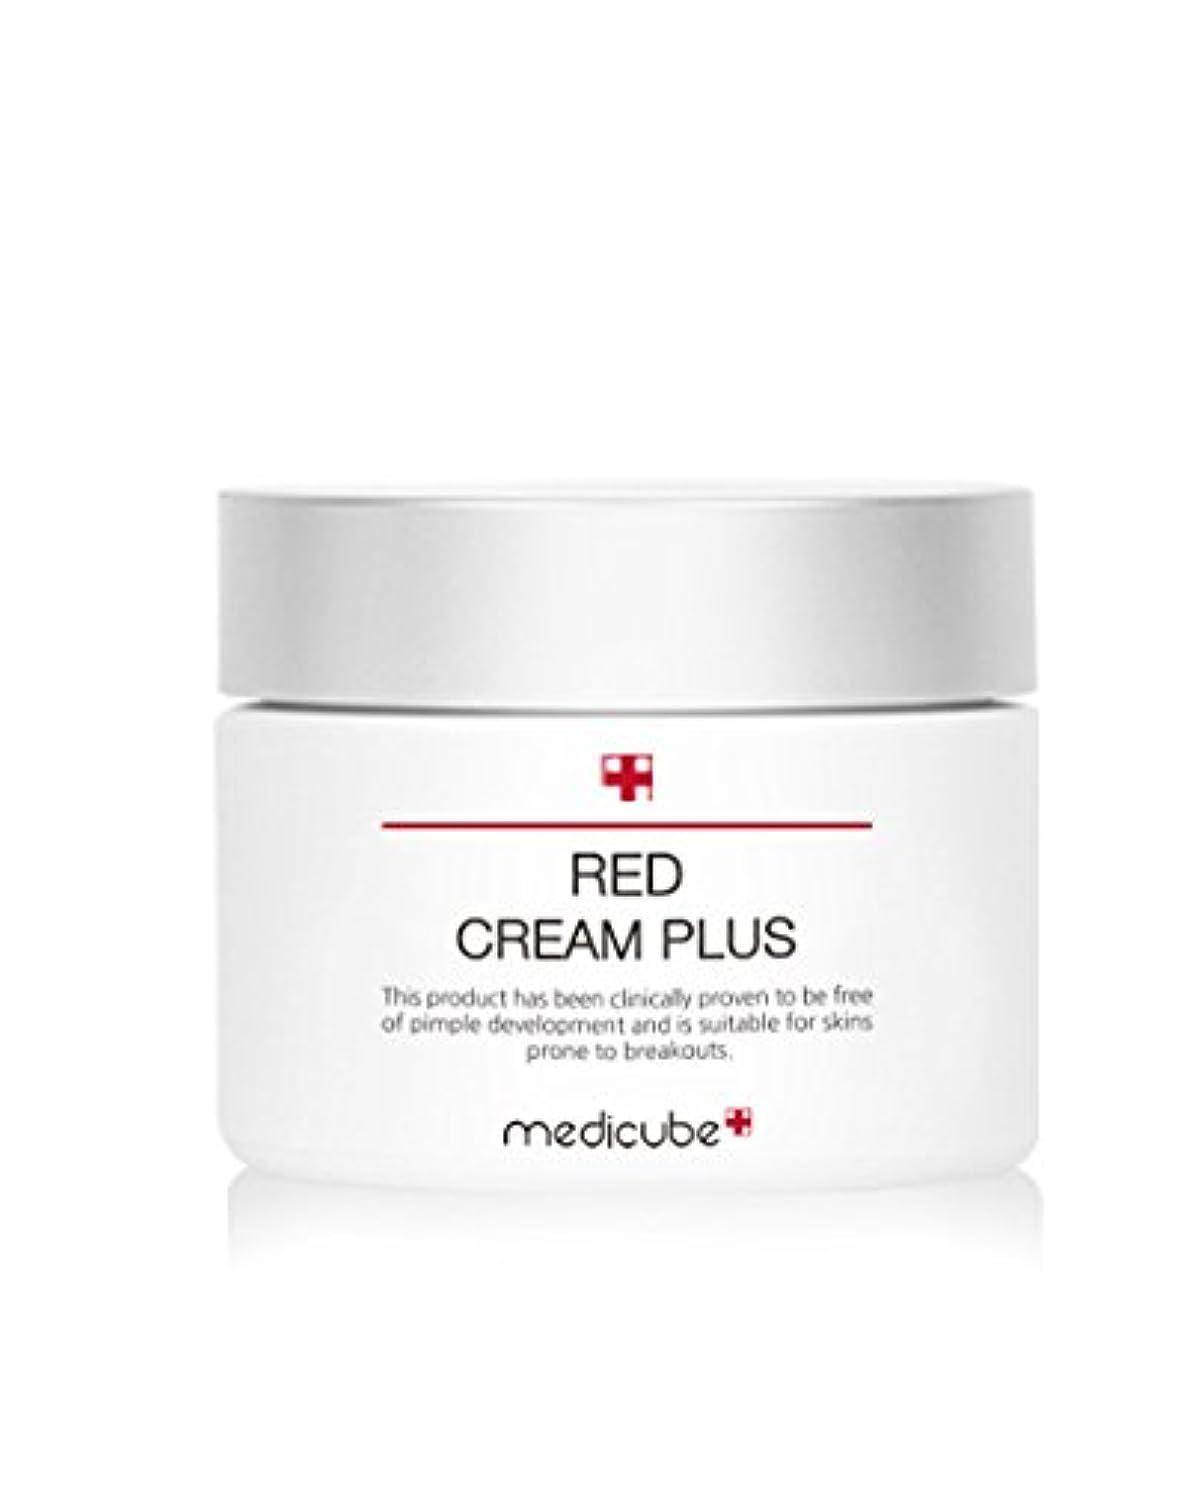 通知するフェンス松明[Medicube]メディキューブ レッド クリーム プラス 大容量 100ml / Medicube Red Cream Plus 100ml [並行輸入品]